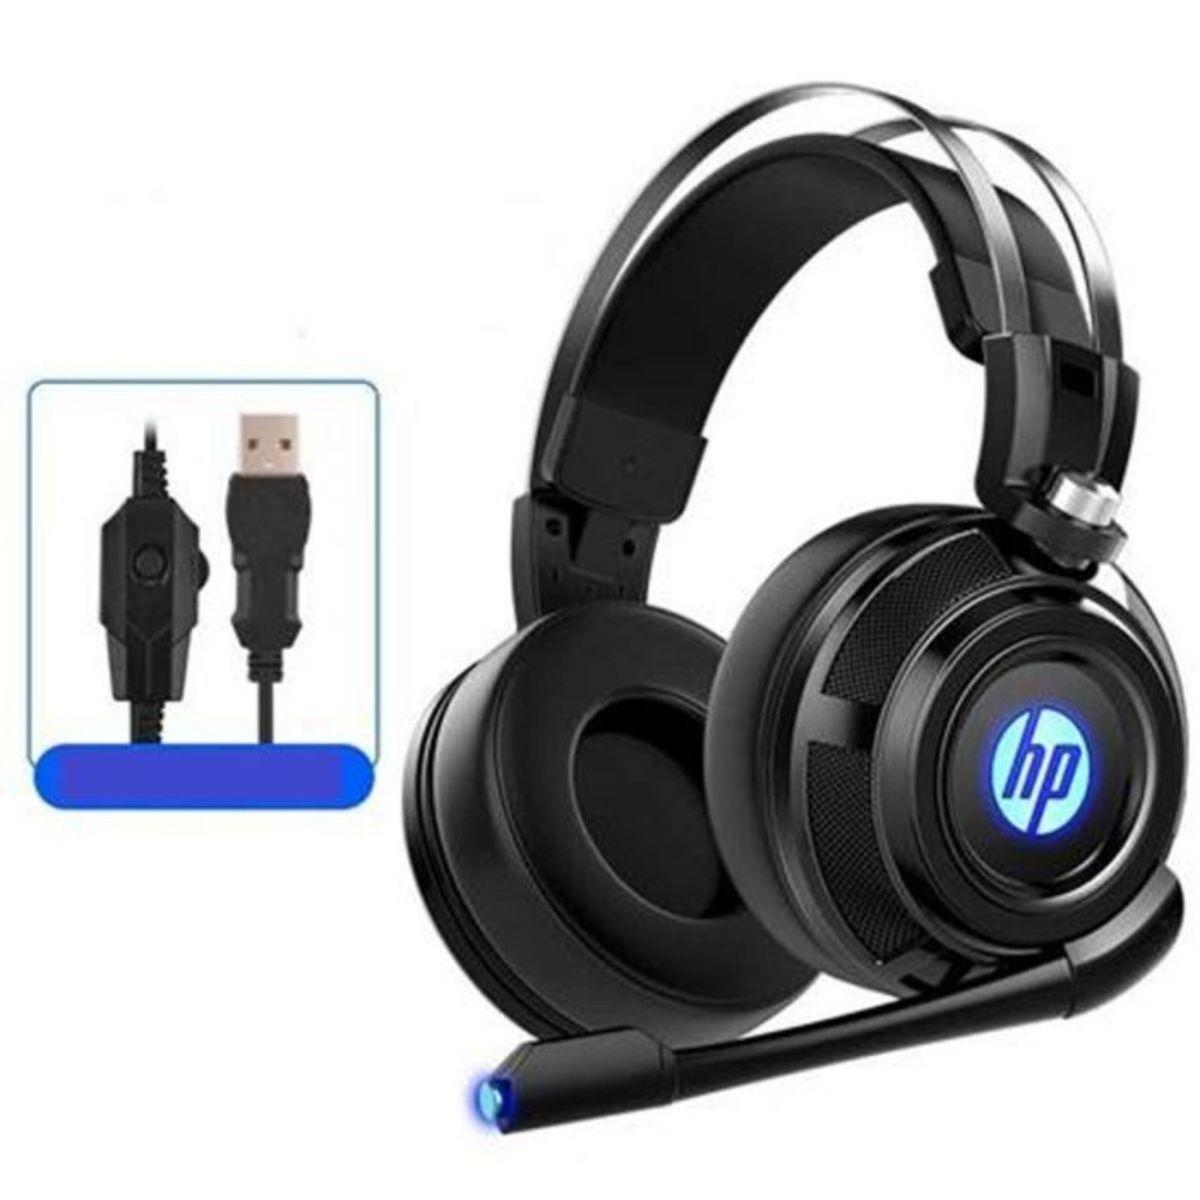 hp auriculares estereo con cable para juegos con microfono 3 1